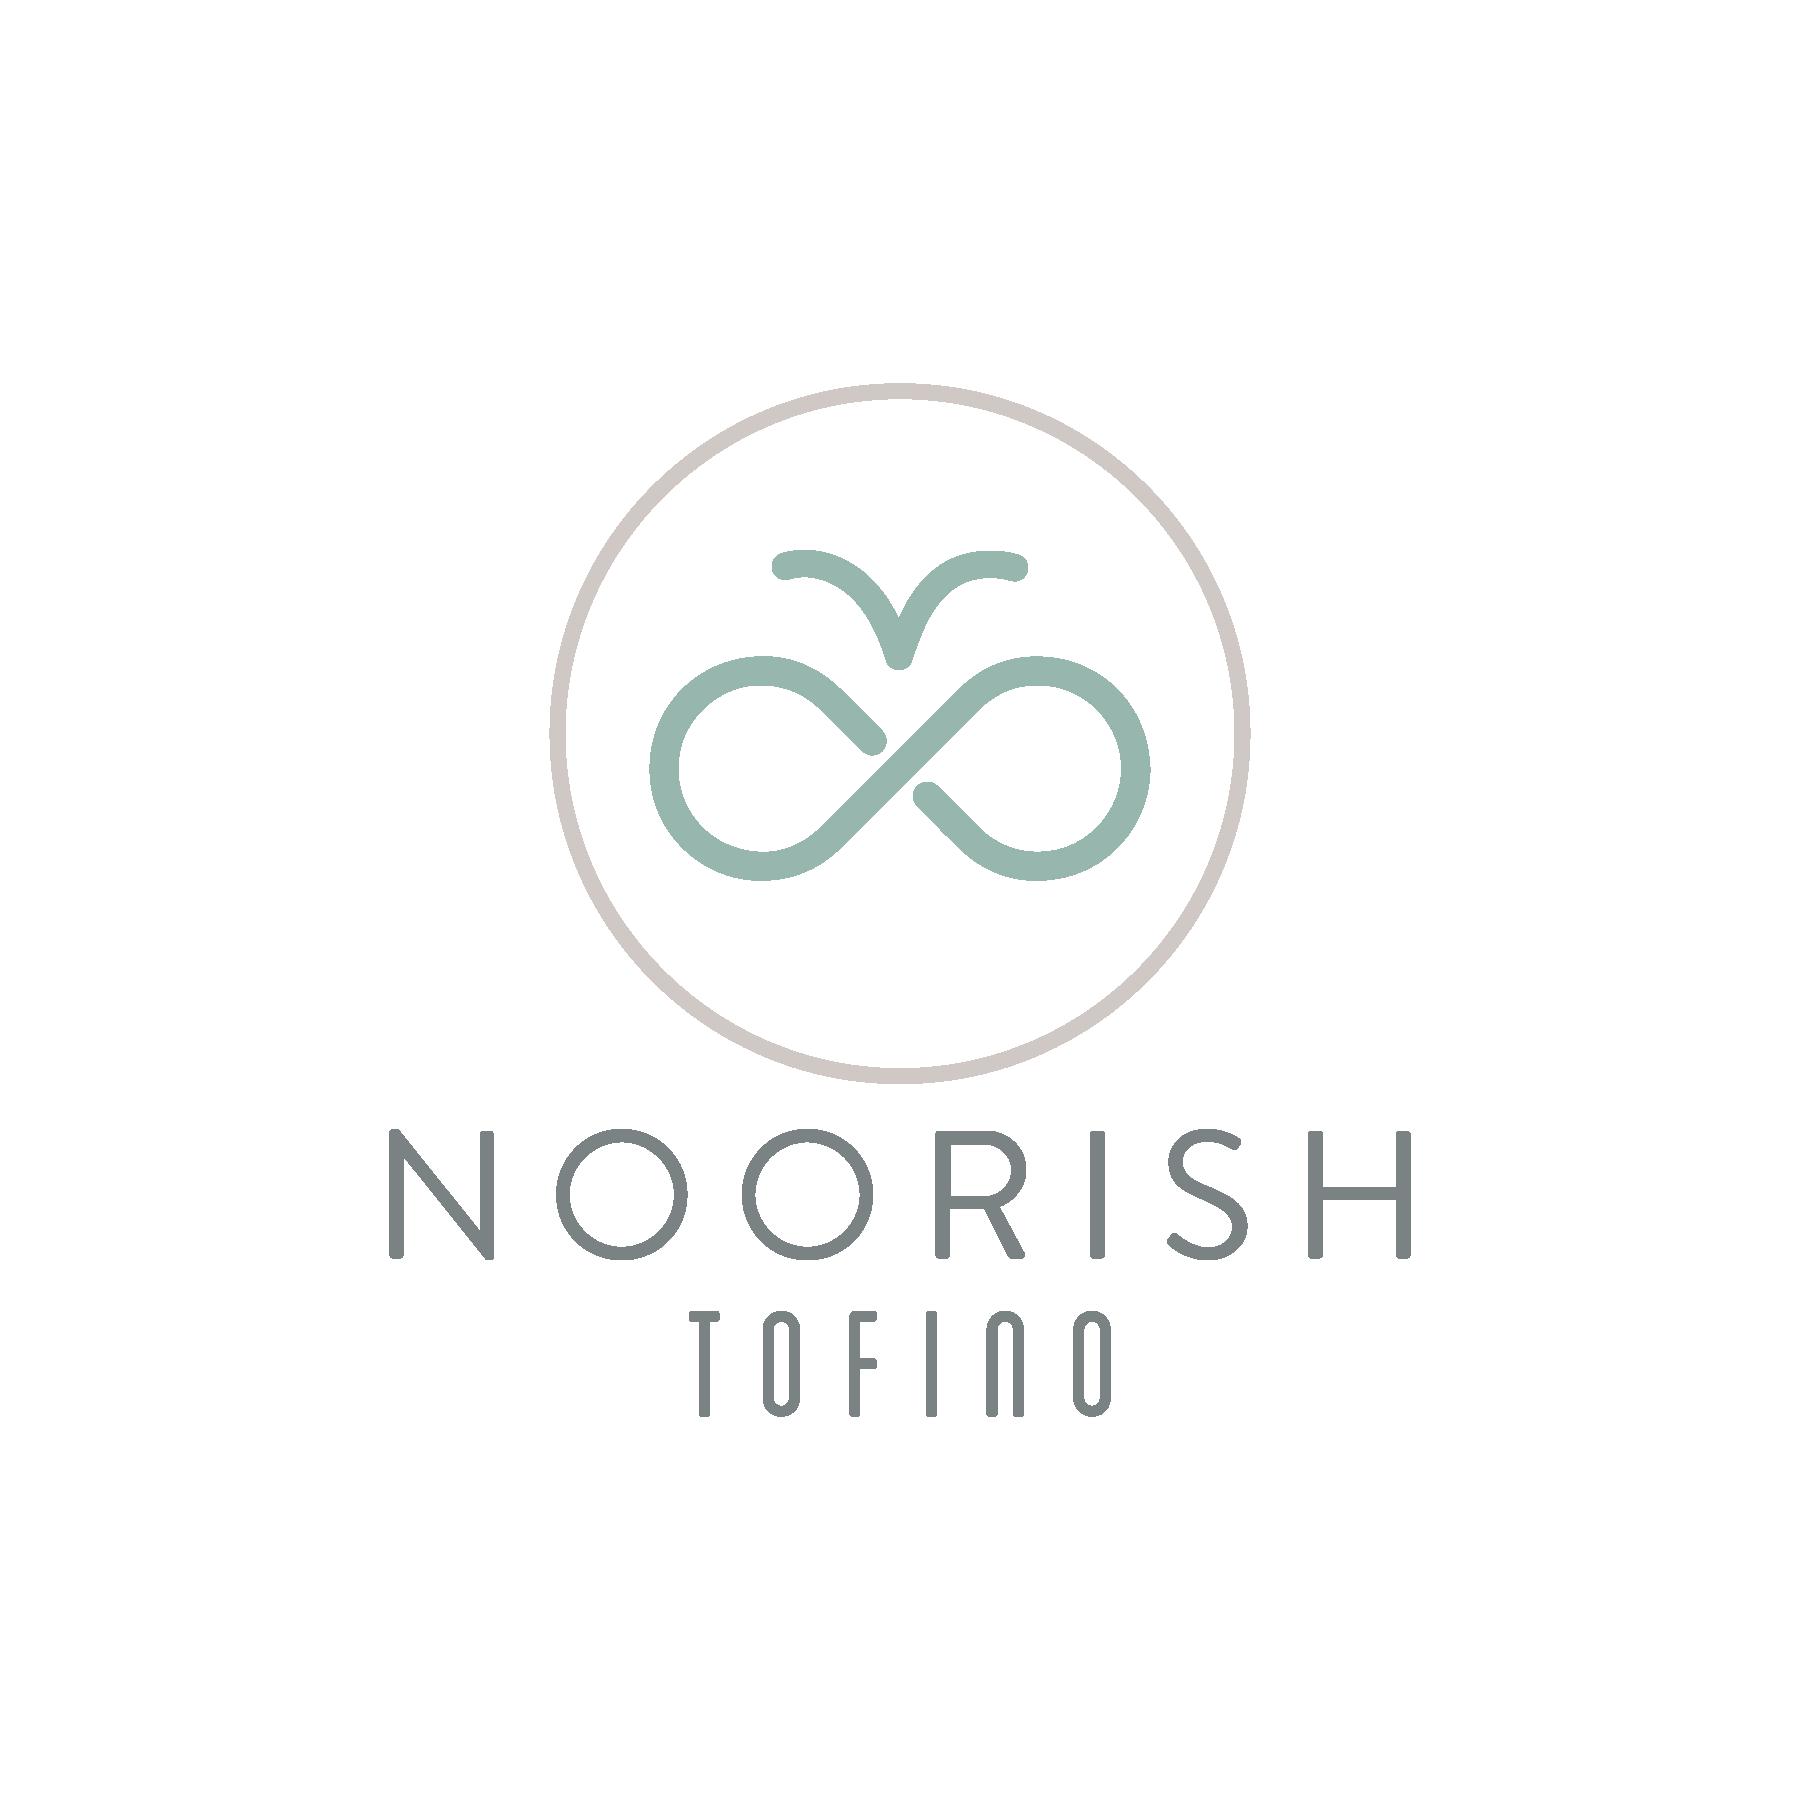 Noorish_colour_green.png